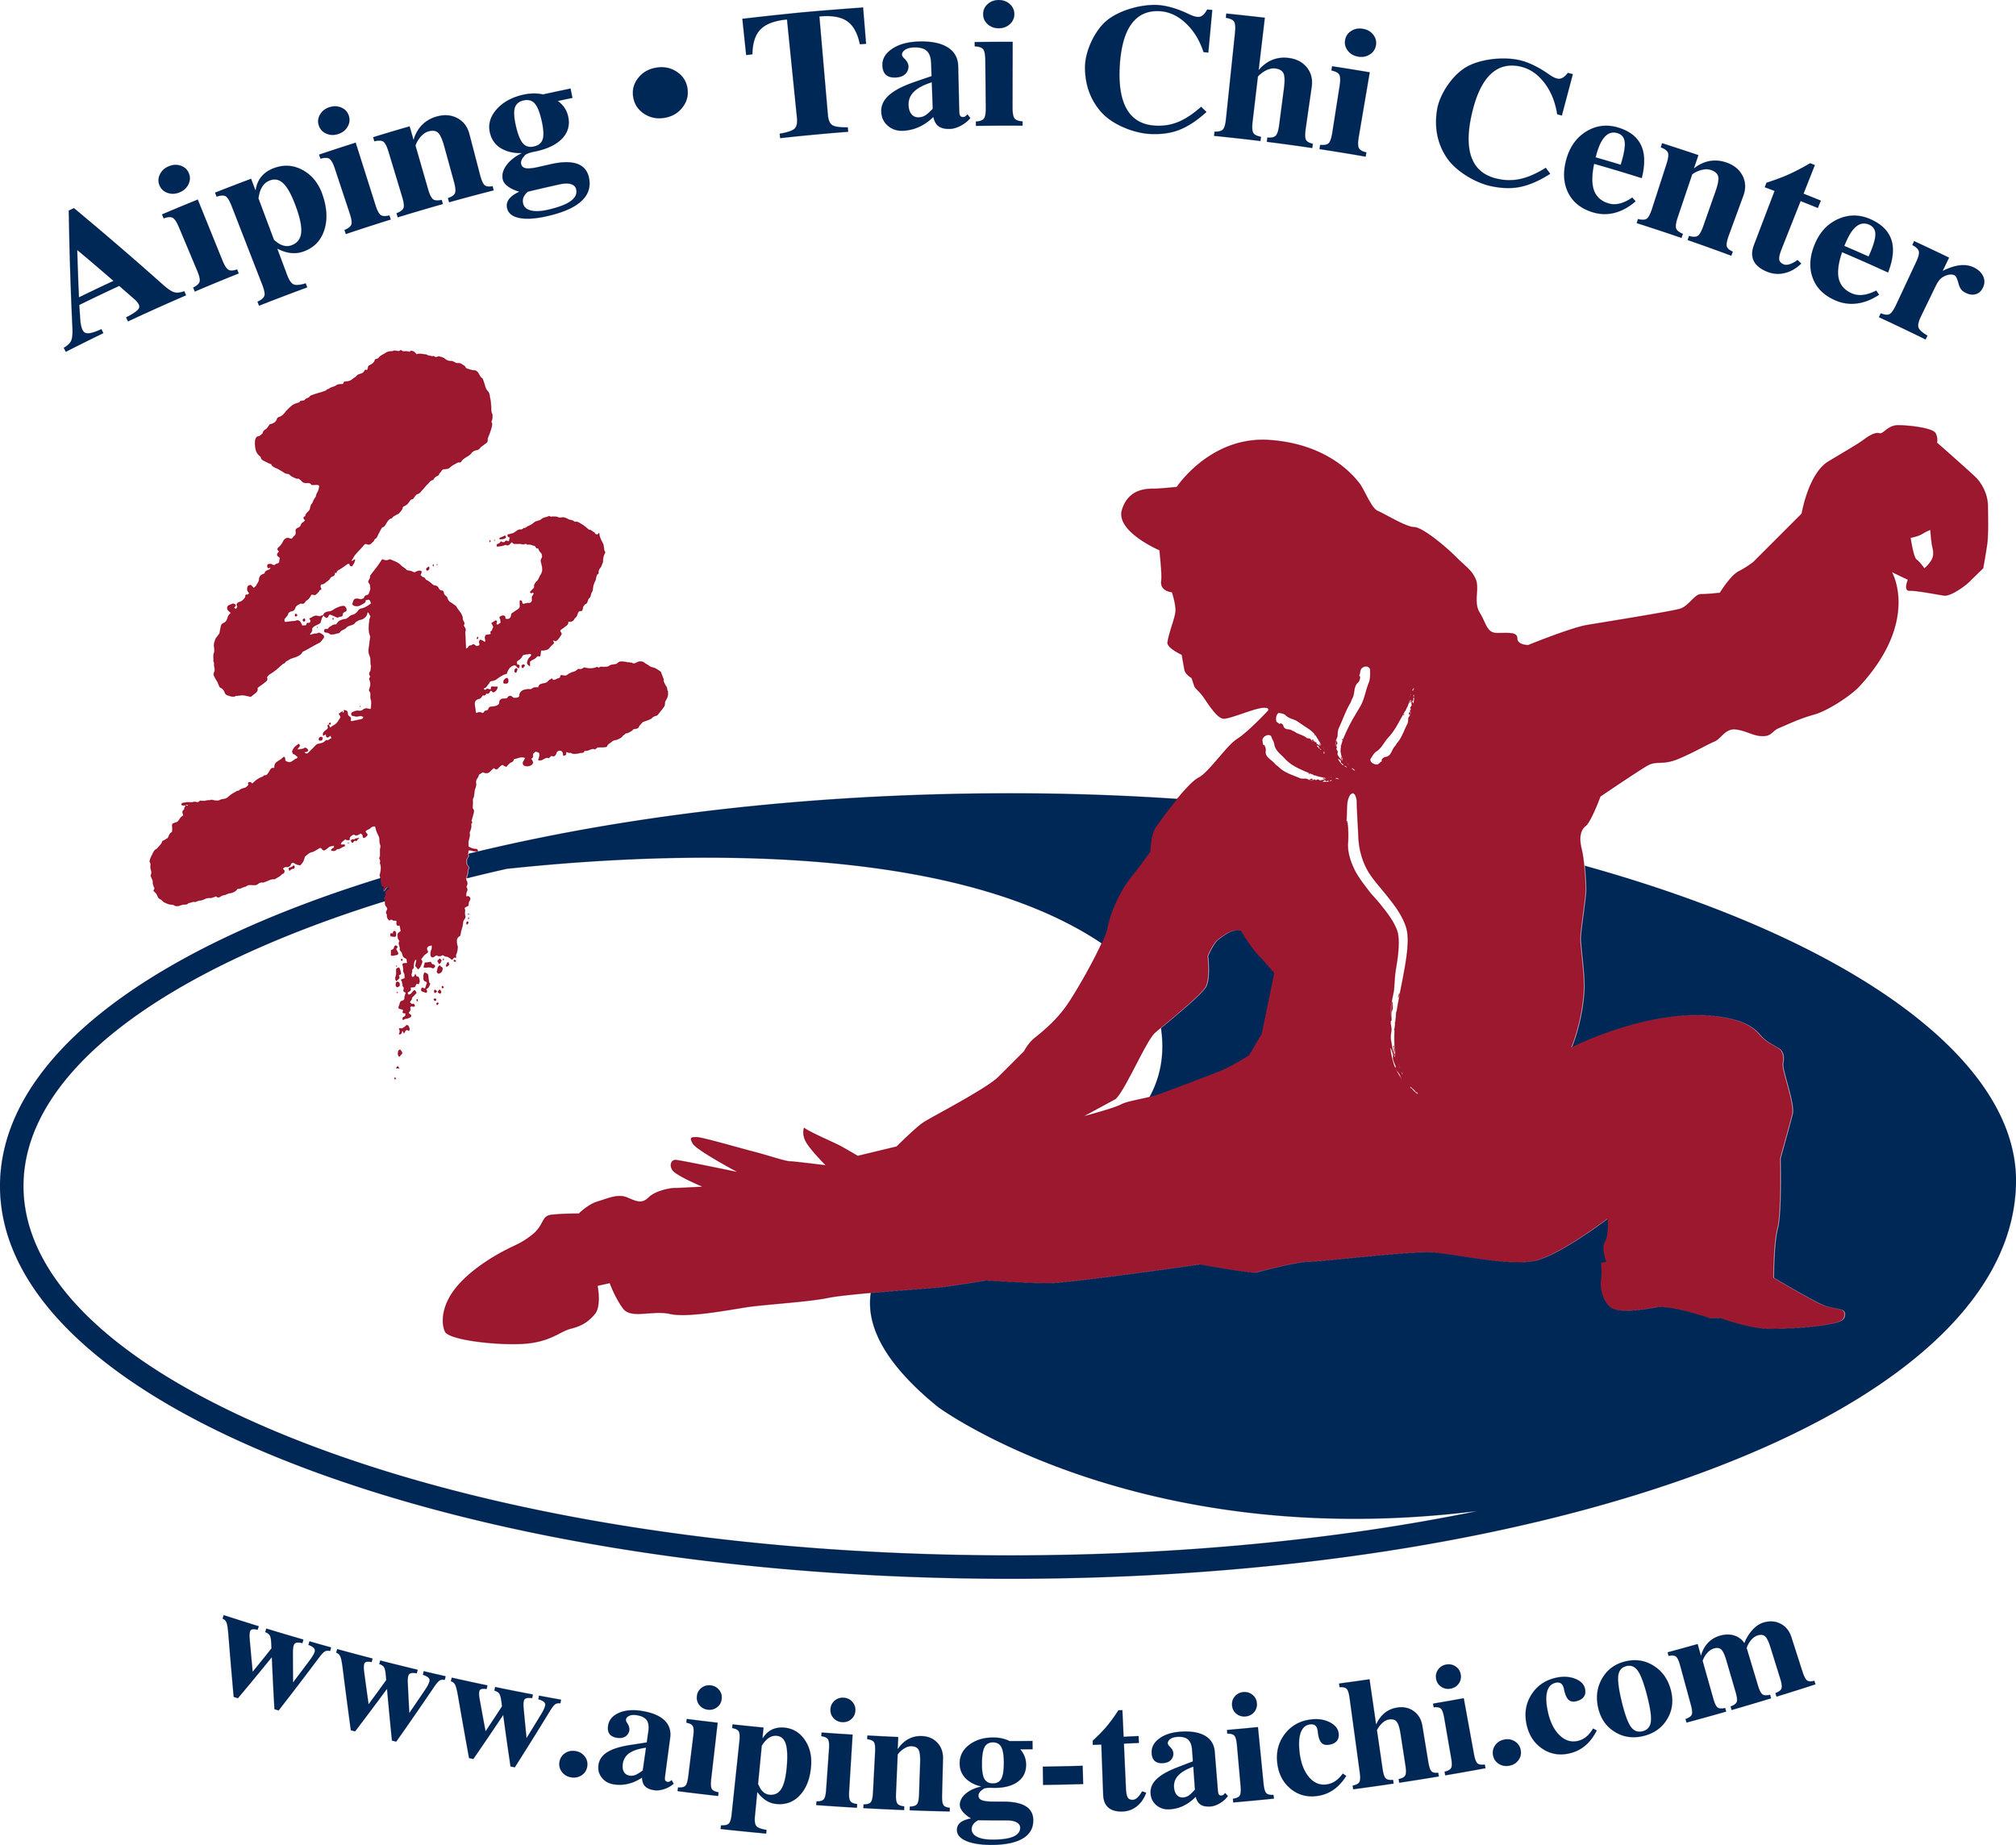 AiPing logo.jpg